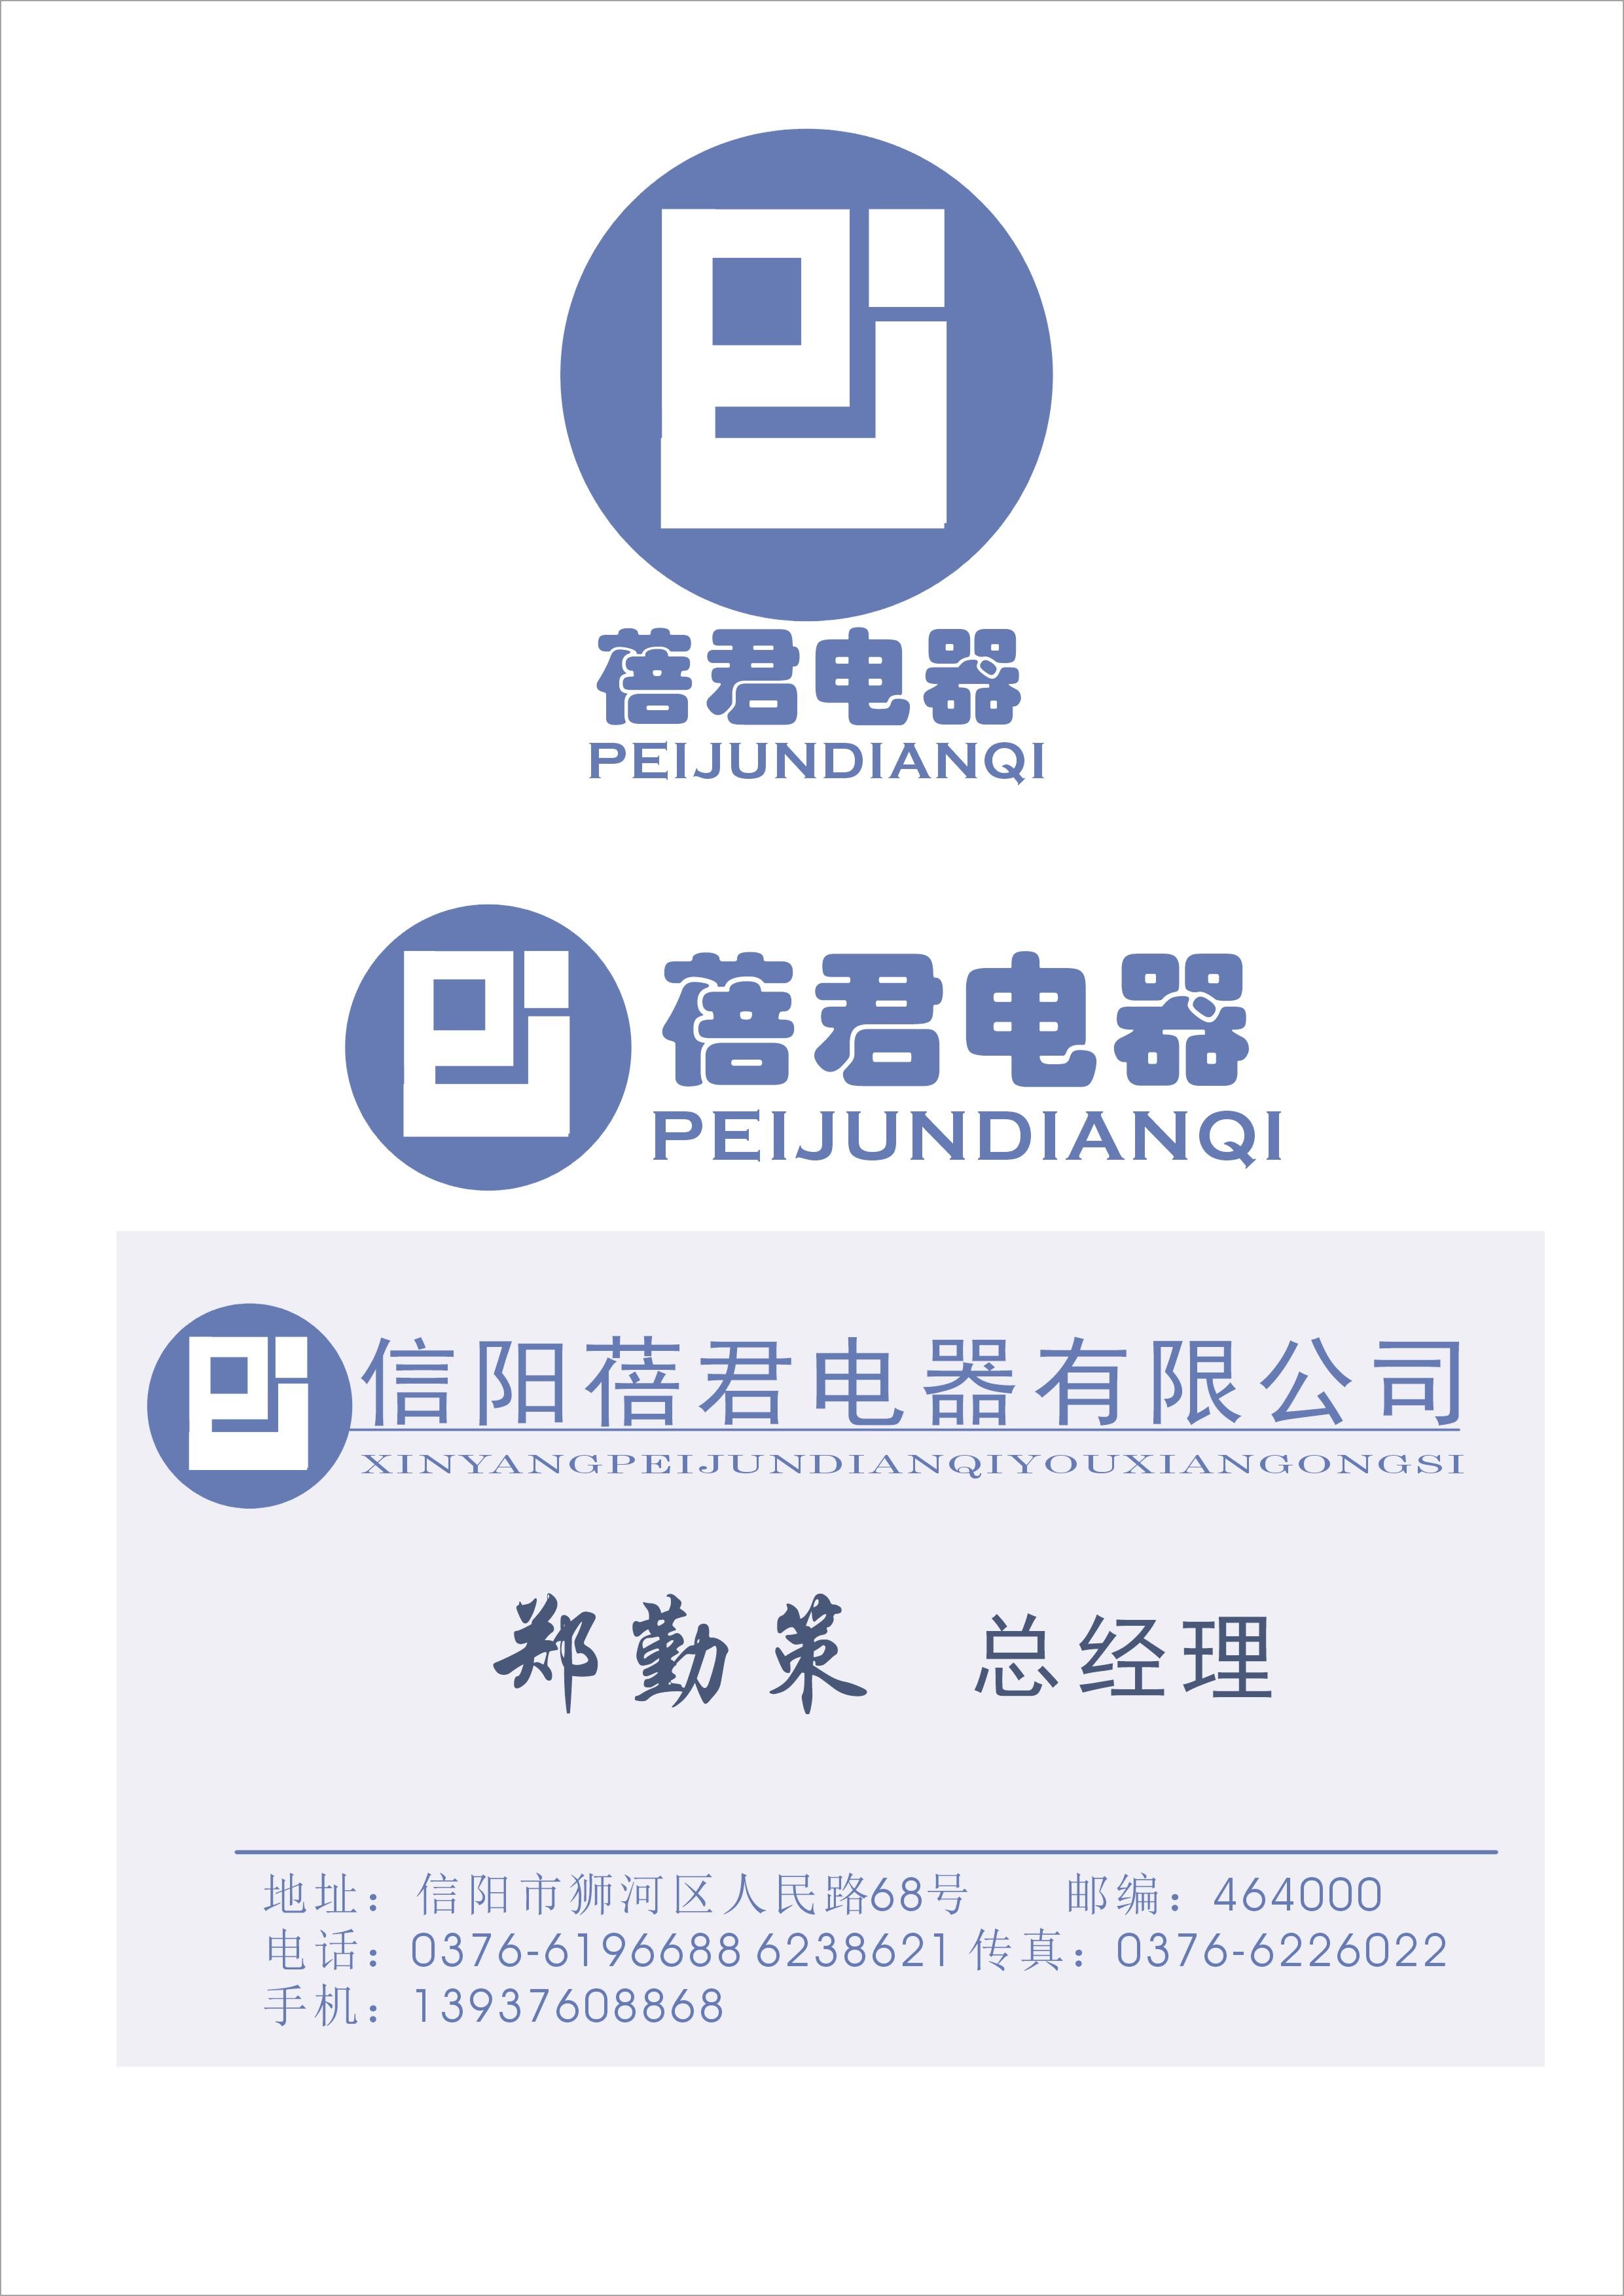 现金信阳蓓君电器有限公司的logo及名片设计